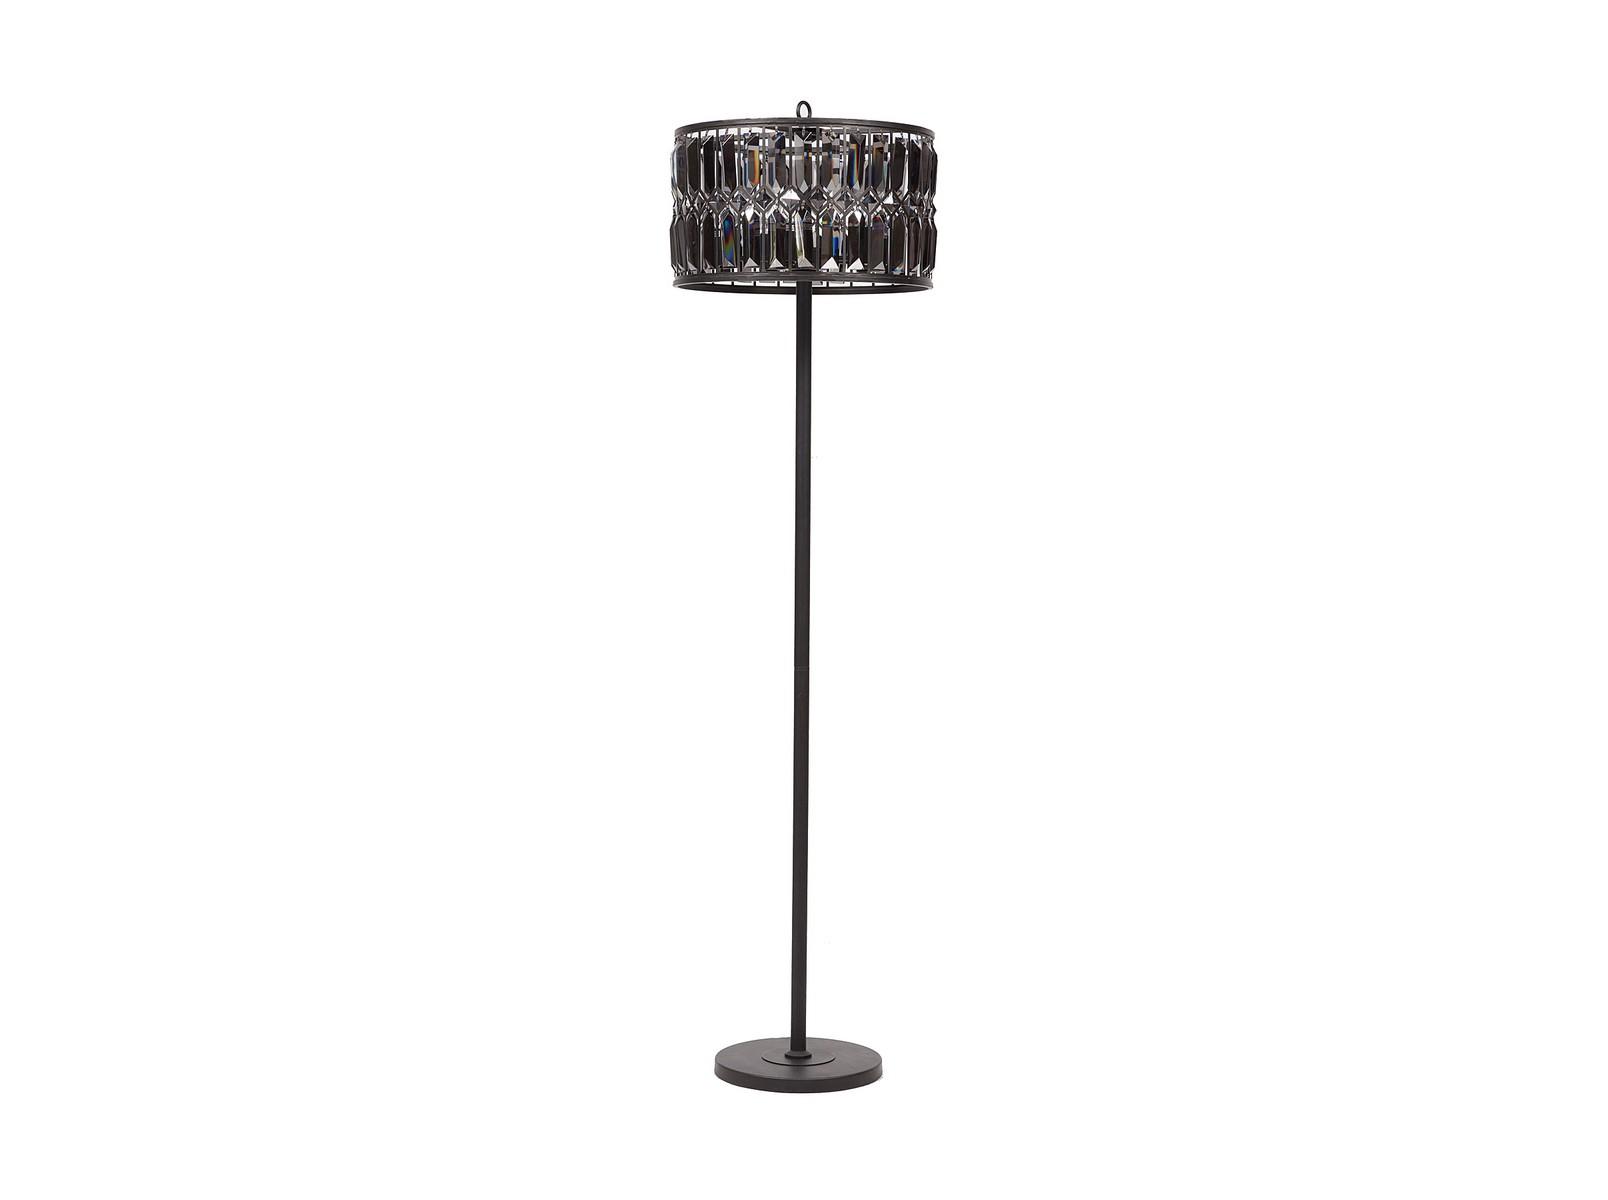 Напольный светильник Fuizhen ModernoТоршеры<br>Удобный элегантный торшер Fuizhen Moderno удачно подчеркнет классический и современный интерьер, создаст мягкое уютное рассеянное освещение, атмосферу гармонии и уюта. Строгая грация этого торшера поражает воображение и моментально привлекает взгляд. Благодаря подвижным кристаллам, расположенным по всей поверхности абажура, ваш интерьер всегда будет залит светом и украшен хрустальными бликами.&amp;lt;div&amp;gt;&amp;lt;br&amp;gt;&amp;lt;/div&amp;gt;&amp;lt;div&amp;gt;&amp;lt;div&amp;gt;Вид цоколя: Е14&amp;lt;/div&amp;gt;&amp;lt;div&amp;gt;Мощность лампы: 40W&amp;lt;/div&amp;gt;&amp;lt;div&amp;gt;Количество ламп: 4&amp;lt;/div&amp;gt;&amp;lt;div&amp;gt;Наличие ламп: нет&amp;lt;/div&amp;gt;&amp;lt;/div&amp;gt;<br><br>Material: Металл<br>Height см: 172<br>Diameter см: 50